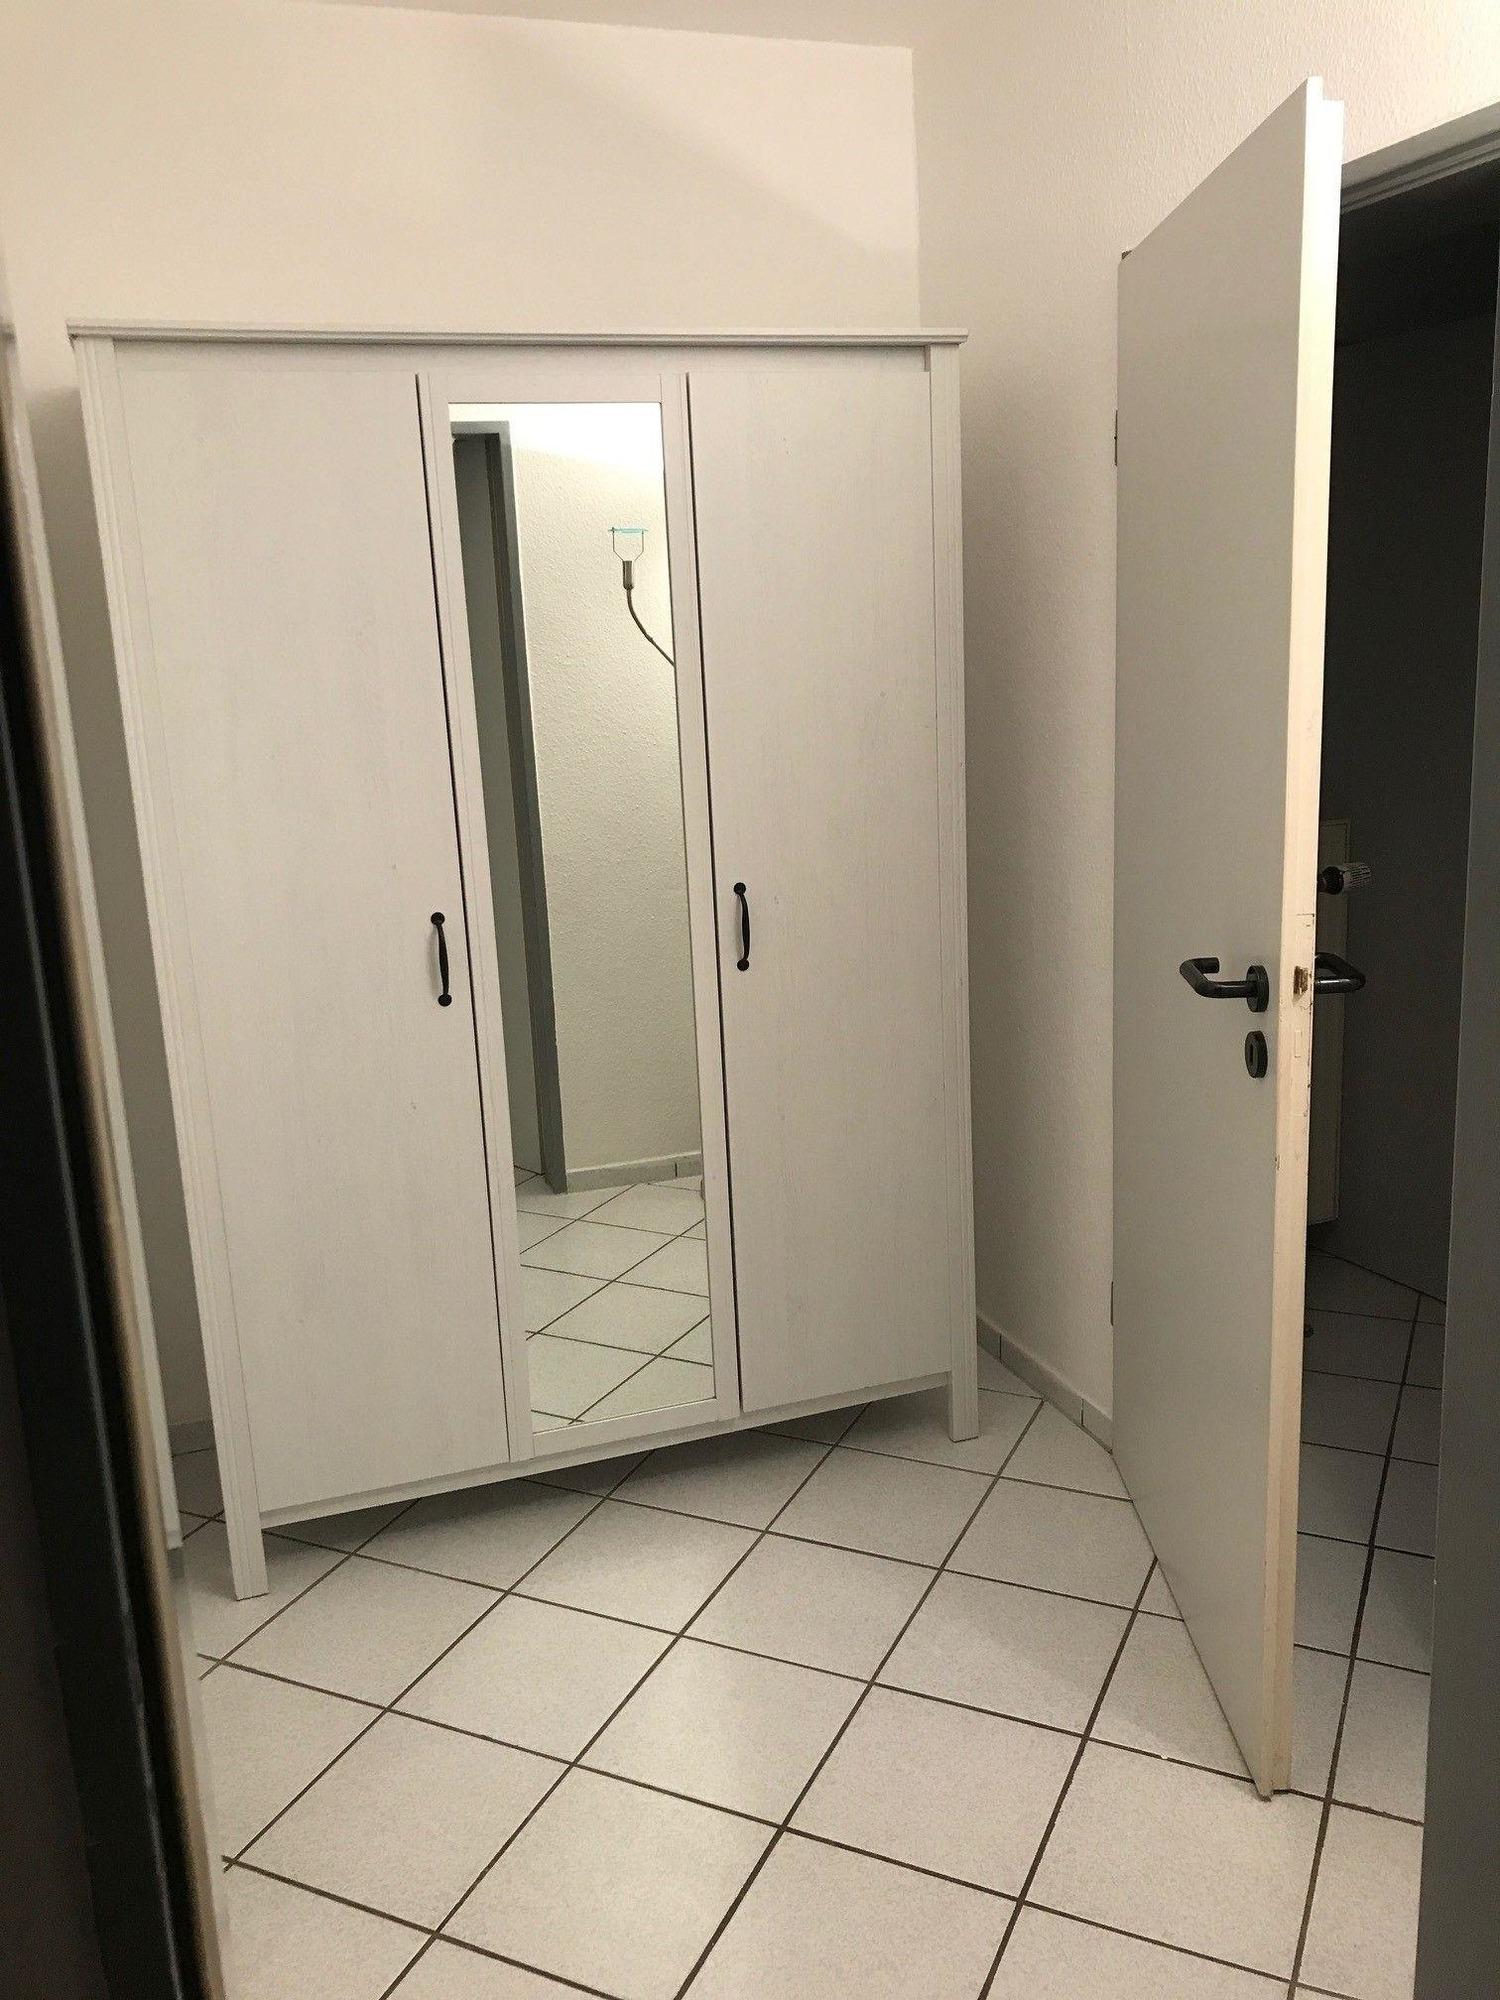 Ferienwohnung 2 Zimmer Möblierte Wohnung mit Terrasse (2656522), Wuppertal, Bergisches Land, Nordrhein-Westfalen, Deutschland, Bild 5